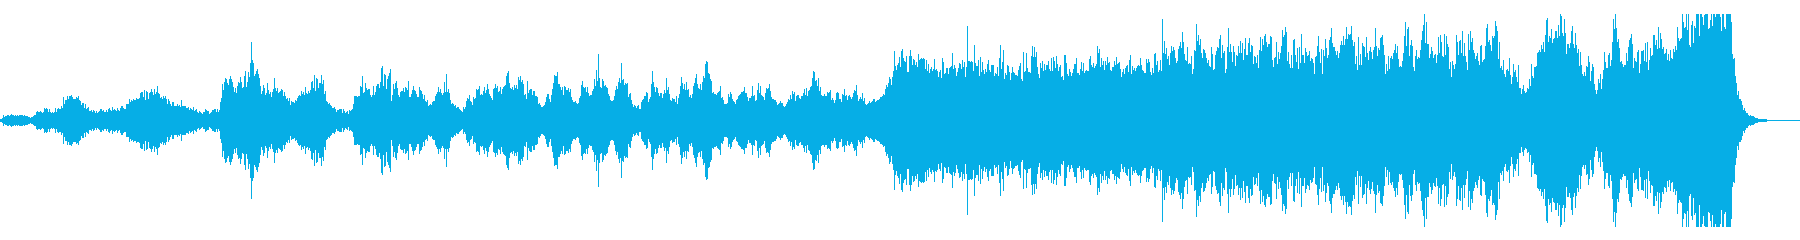 二胡で奏でる美しい中国民謡 「茉莉花」の再生済みの波形